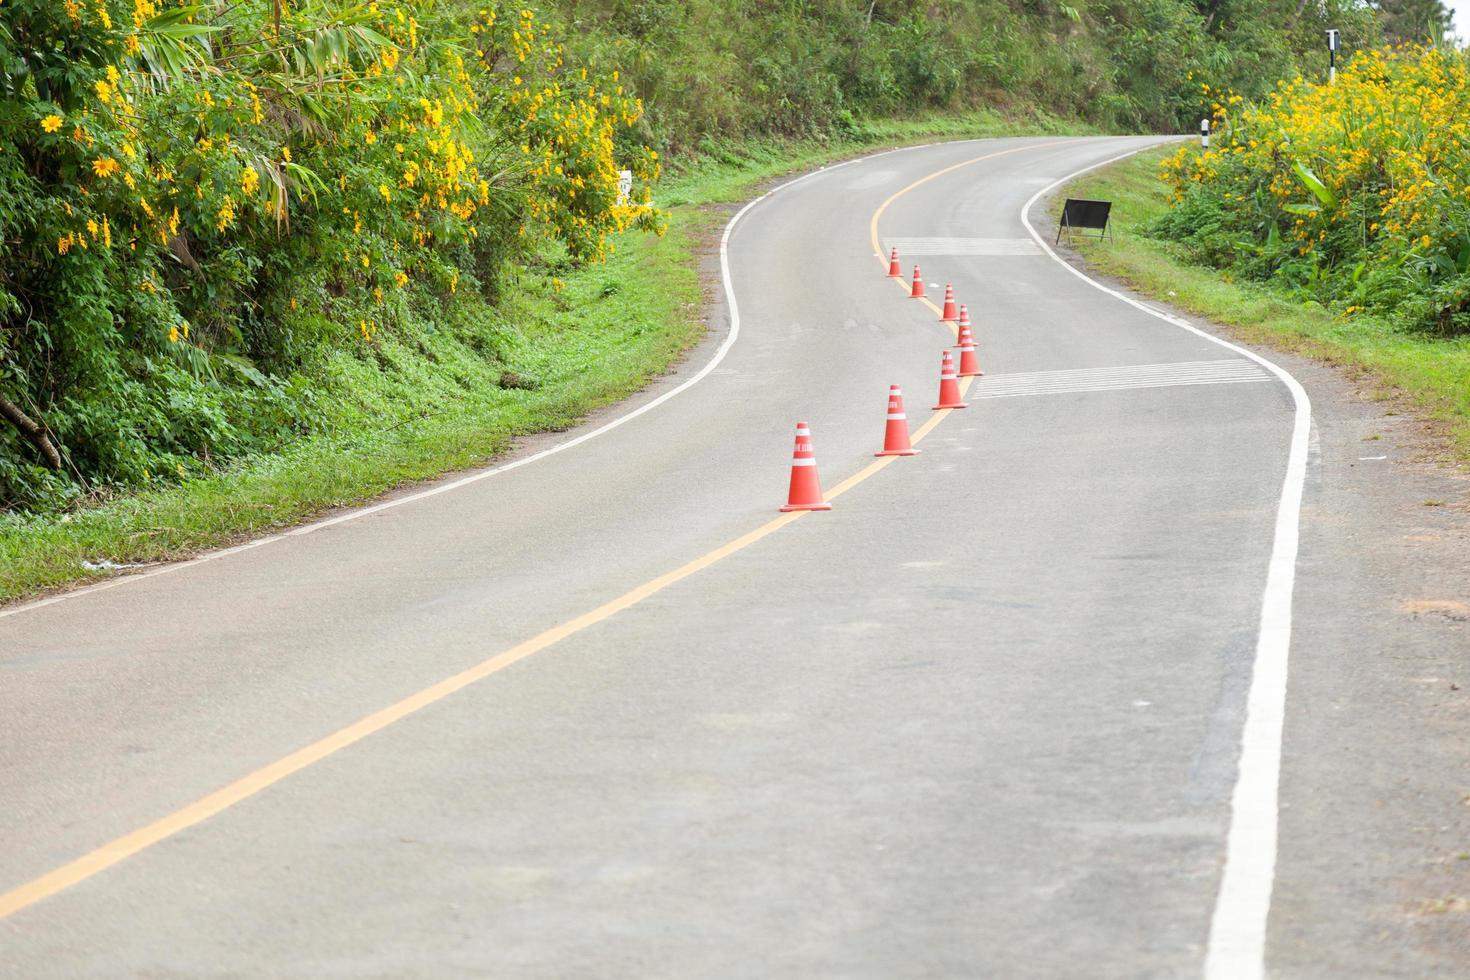 curva de la carretera foto